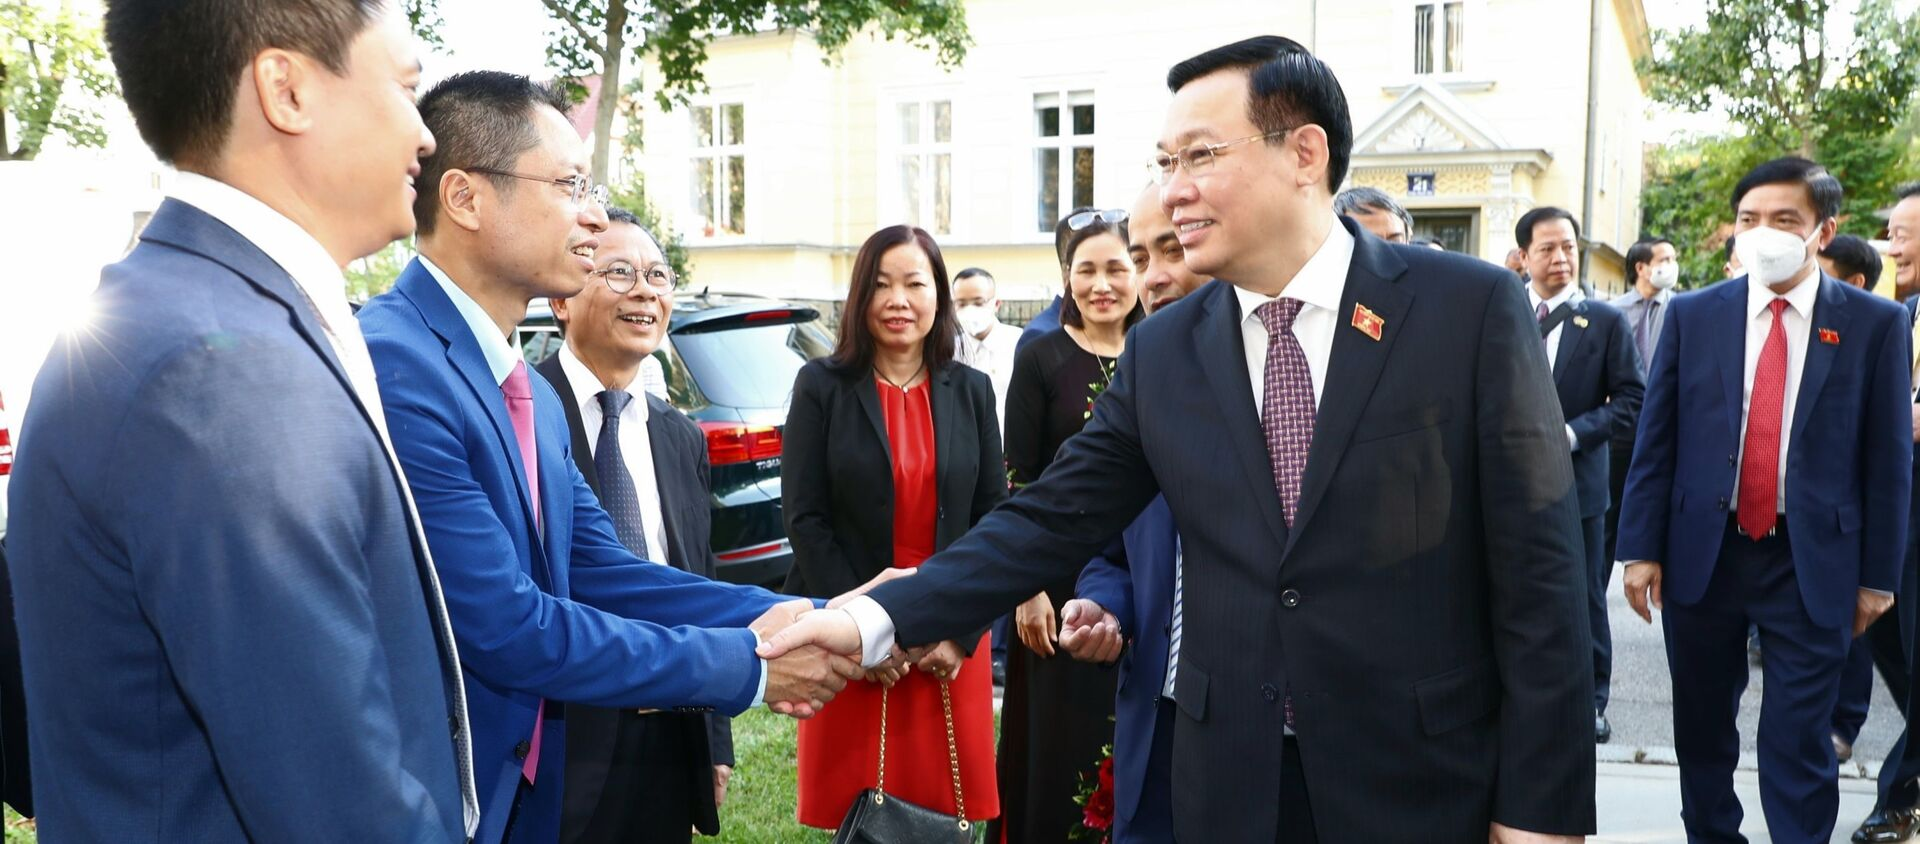 Chủ tịch Quốc hội Vương Đình Huệ thăm Đại sứ quán Việt Nam tại Áo - Sputnik Việt Nam, 1920, 06.09.2021